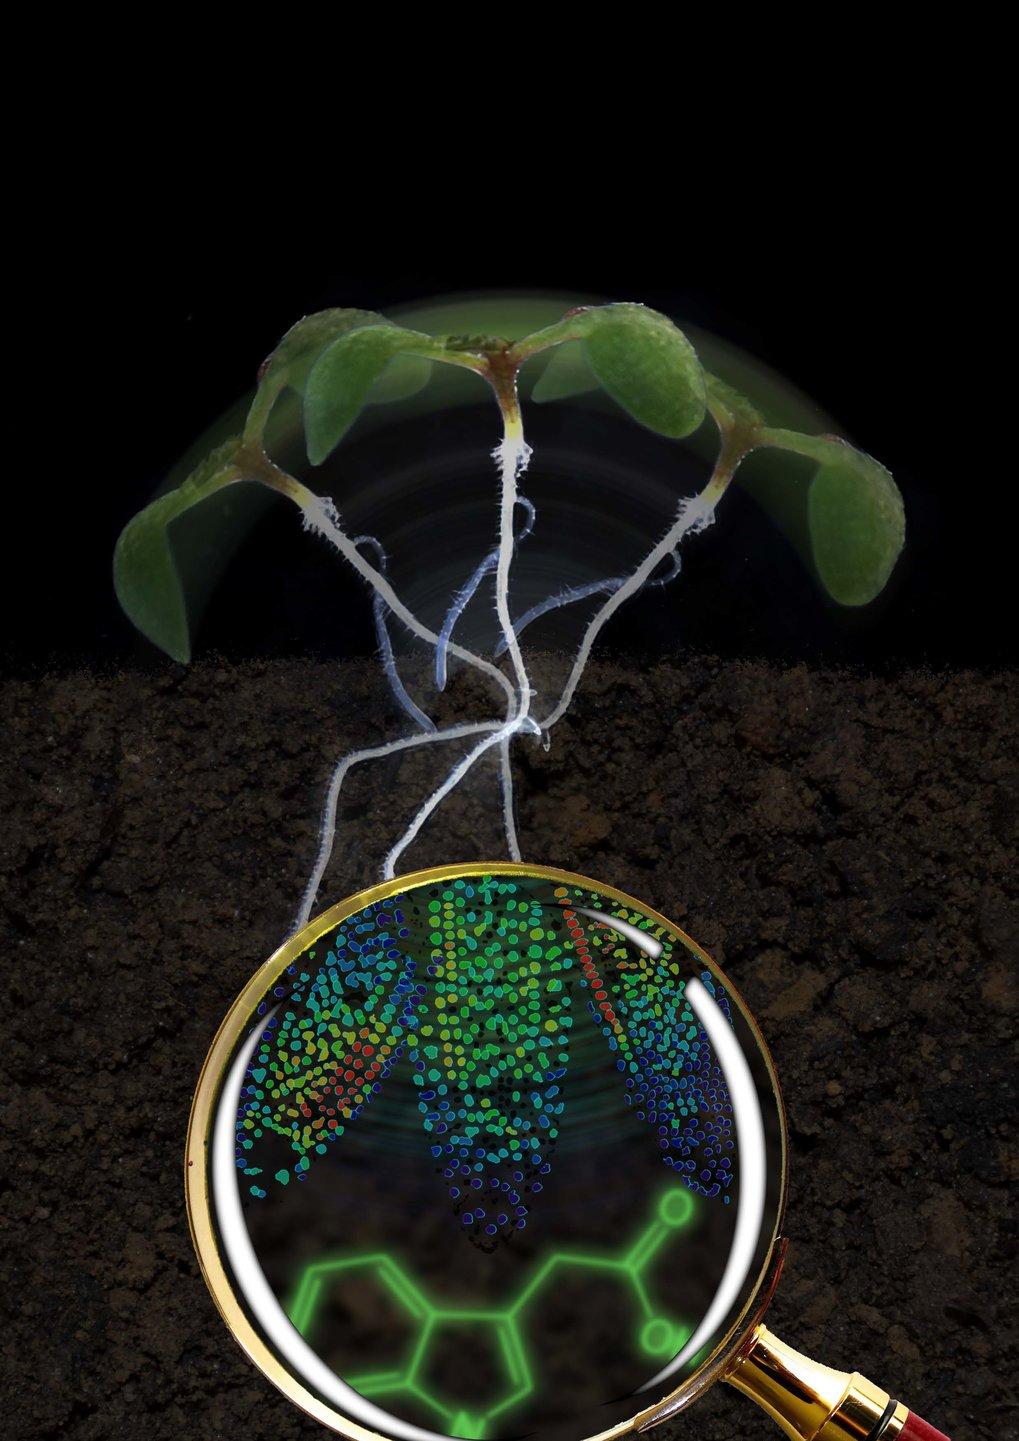 Keimling der Acker-Schmalwand (Arabidopsis thaliana). Die Lupe vergrößert die Wurzelspitze: Die Zellkerne sind mit zunehmender Auxin-Menge von blau üb